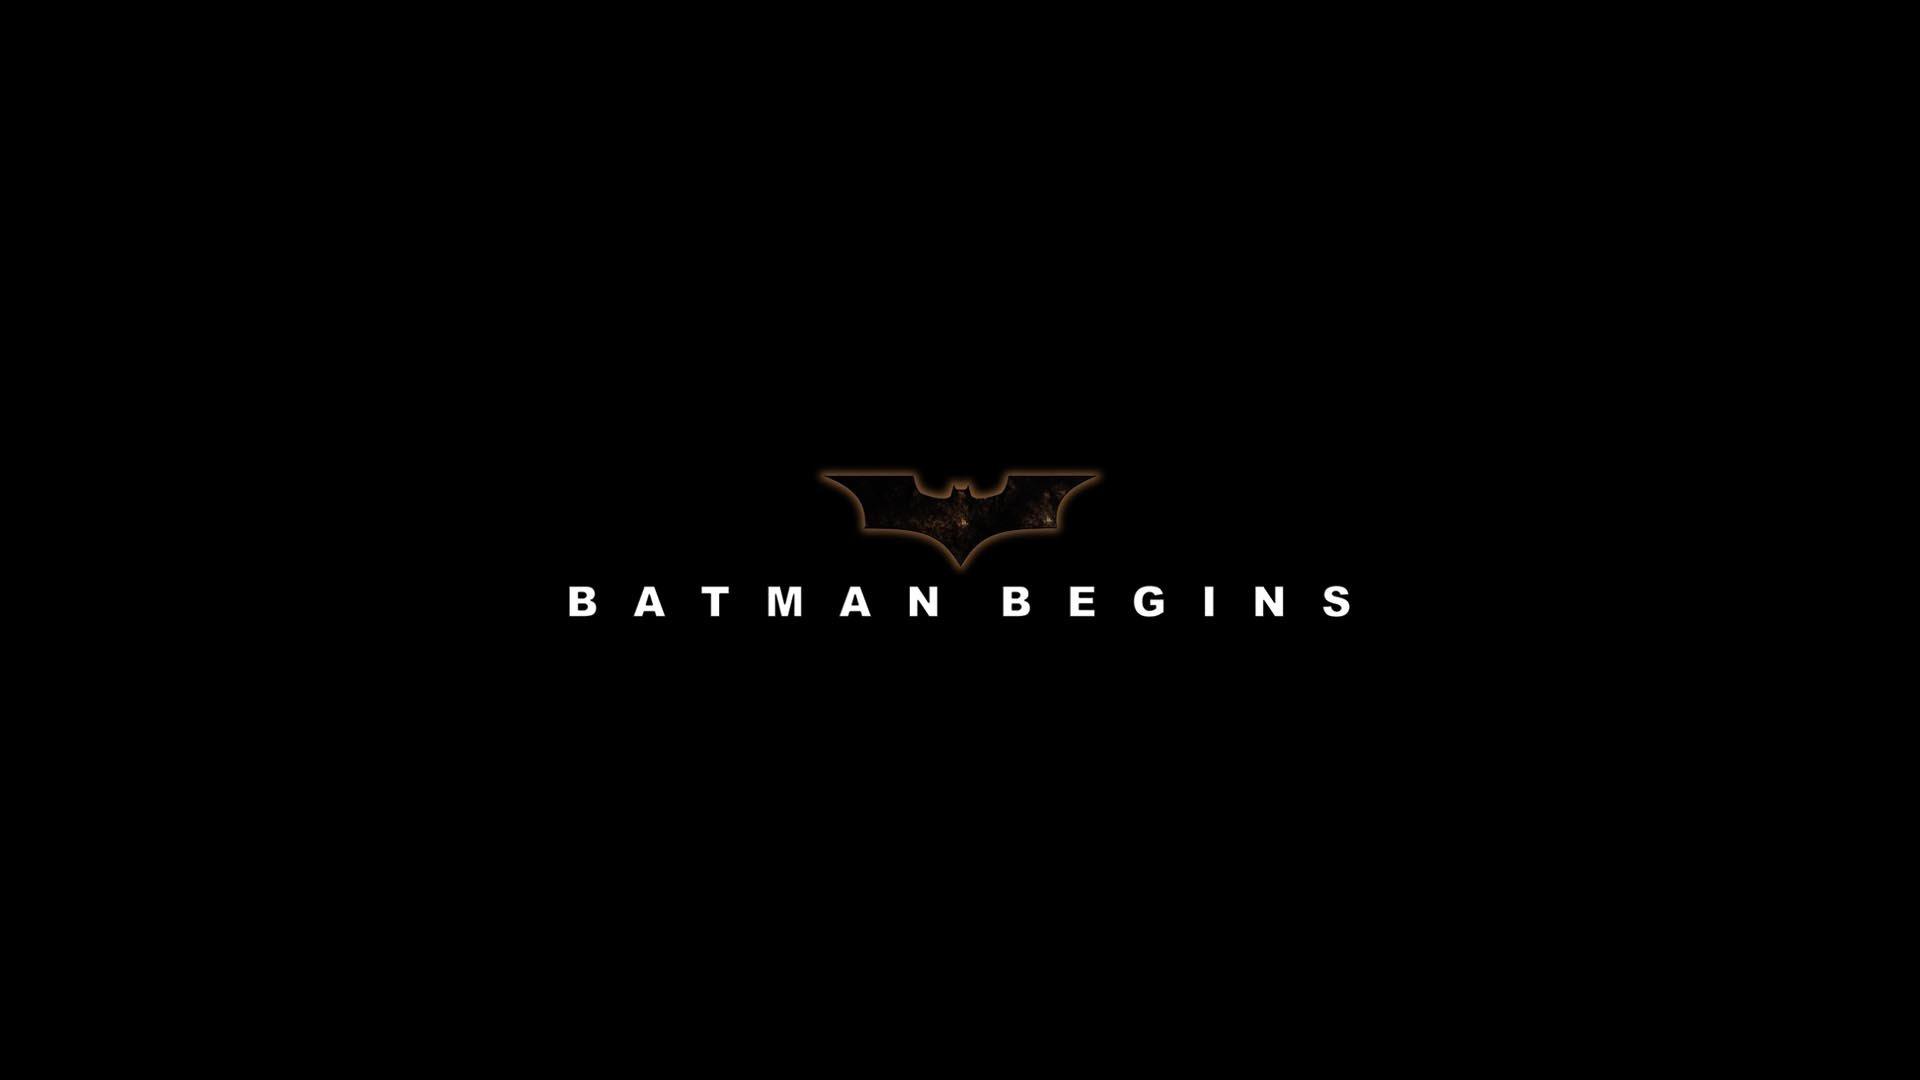 Download batman begins mp4.